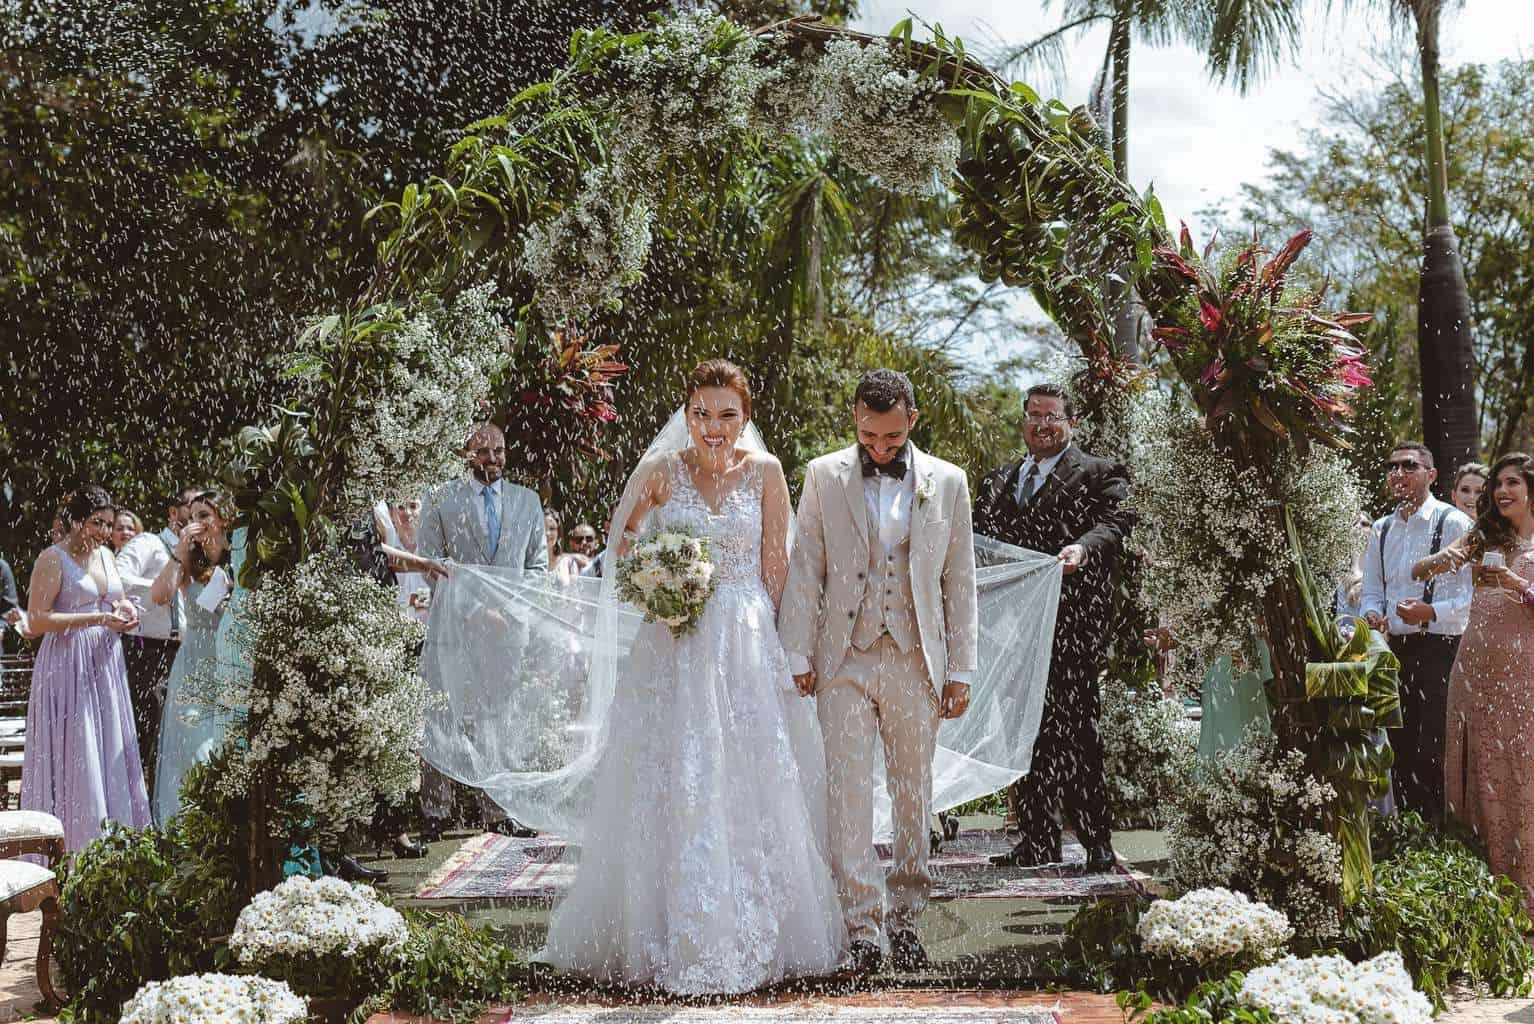 casamento-ao-ar-livre-casamento-boho-casamento-geek-casamento-rustico-casamento-Thais-e-Pedro-cerimônia-decor-cerimônia-Revoar-Fotografia-Villa-Borghese-Eventos-35